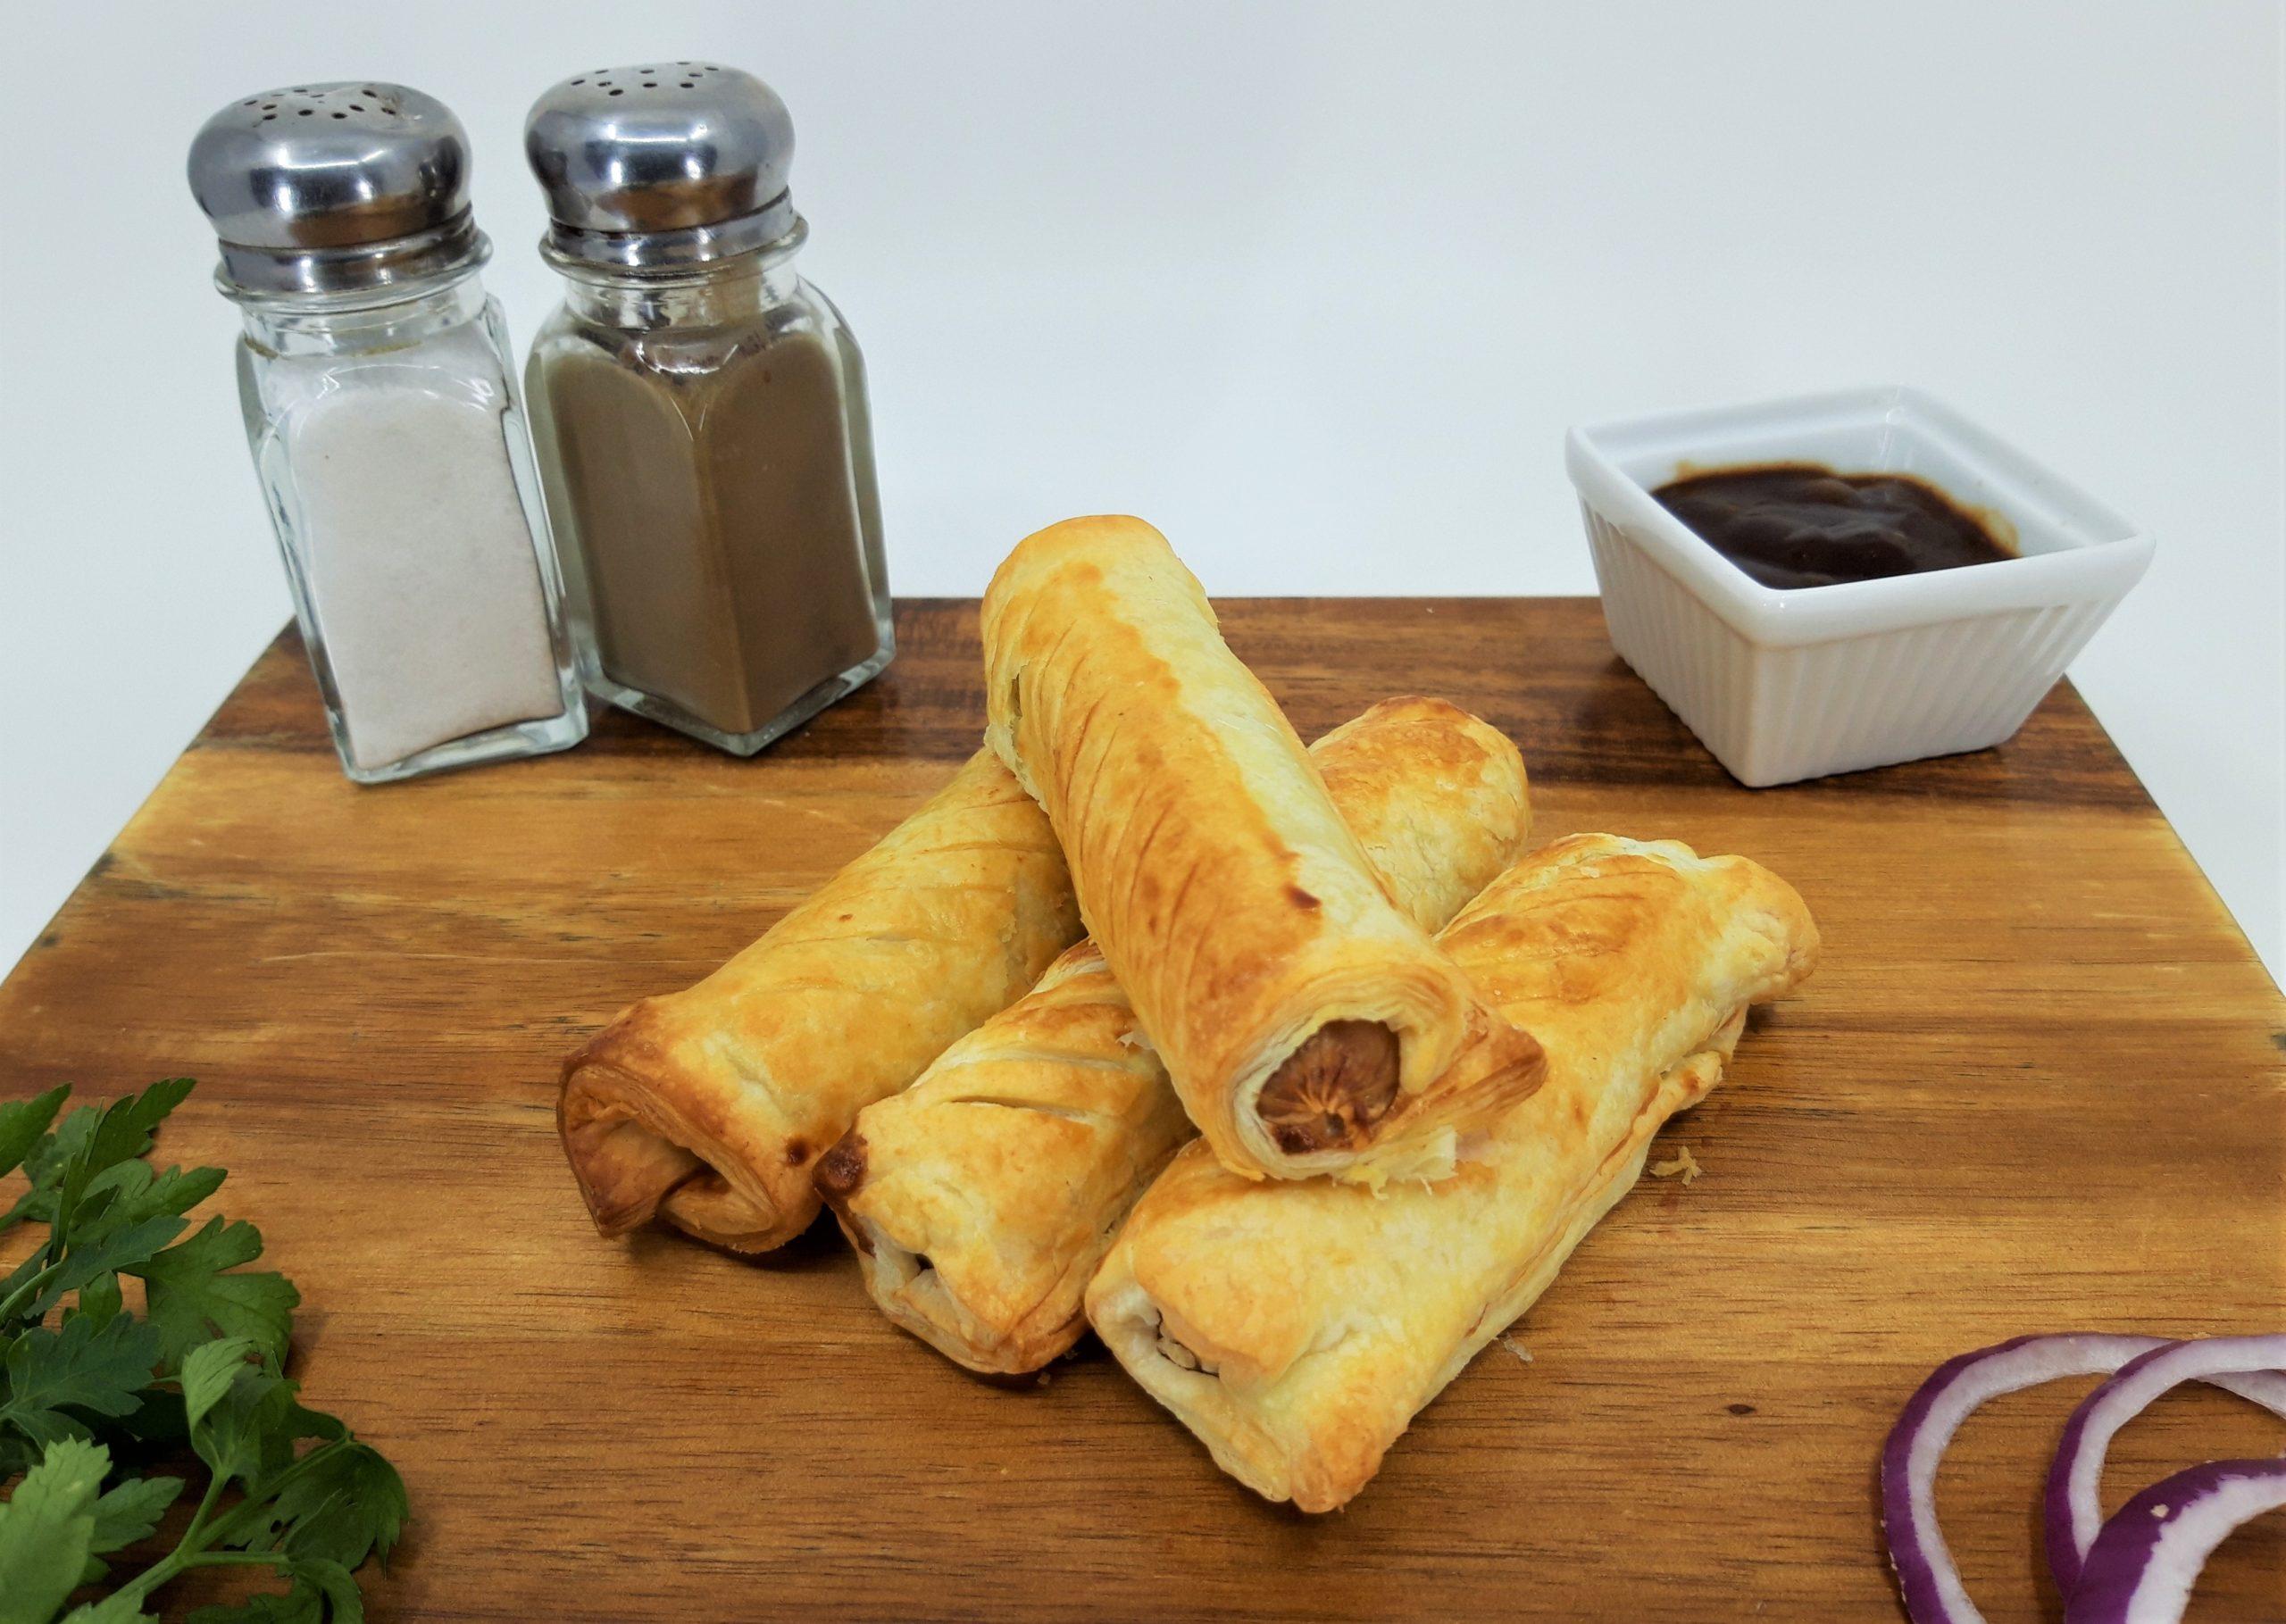 Party sausage rolls 1pc / Party párky v těstíčku 1ks